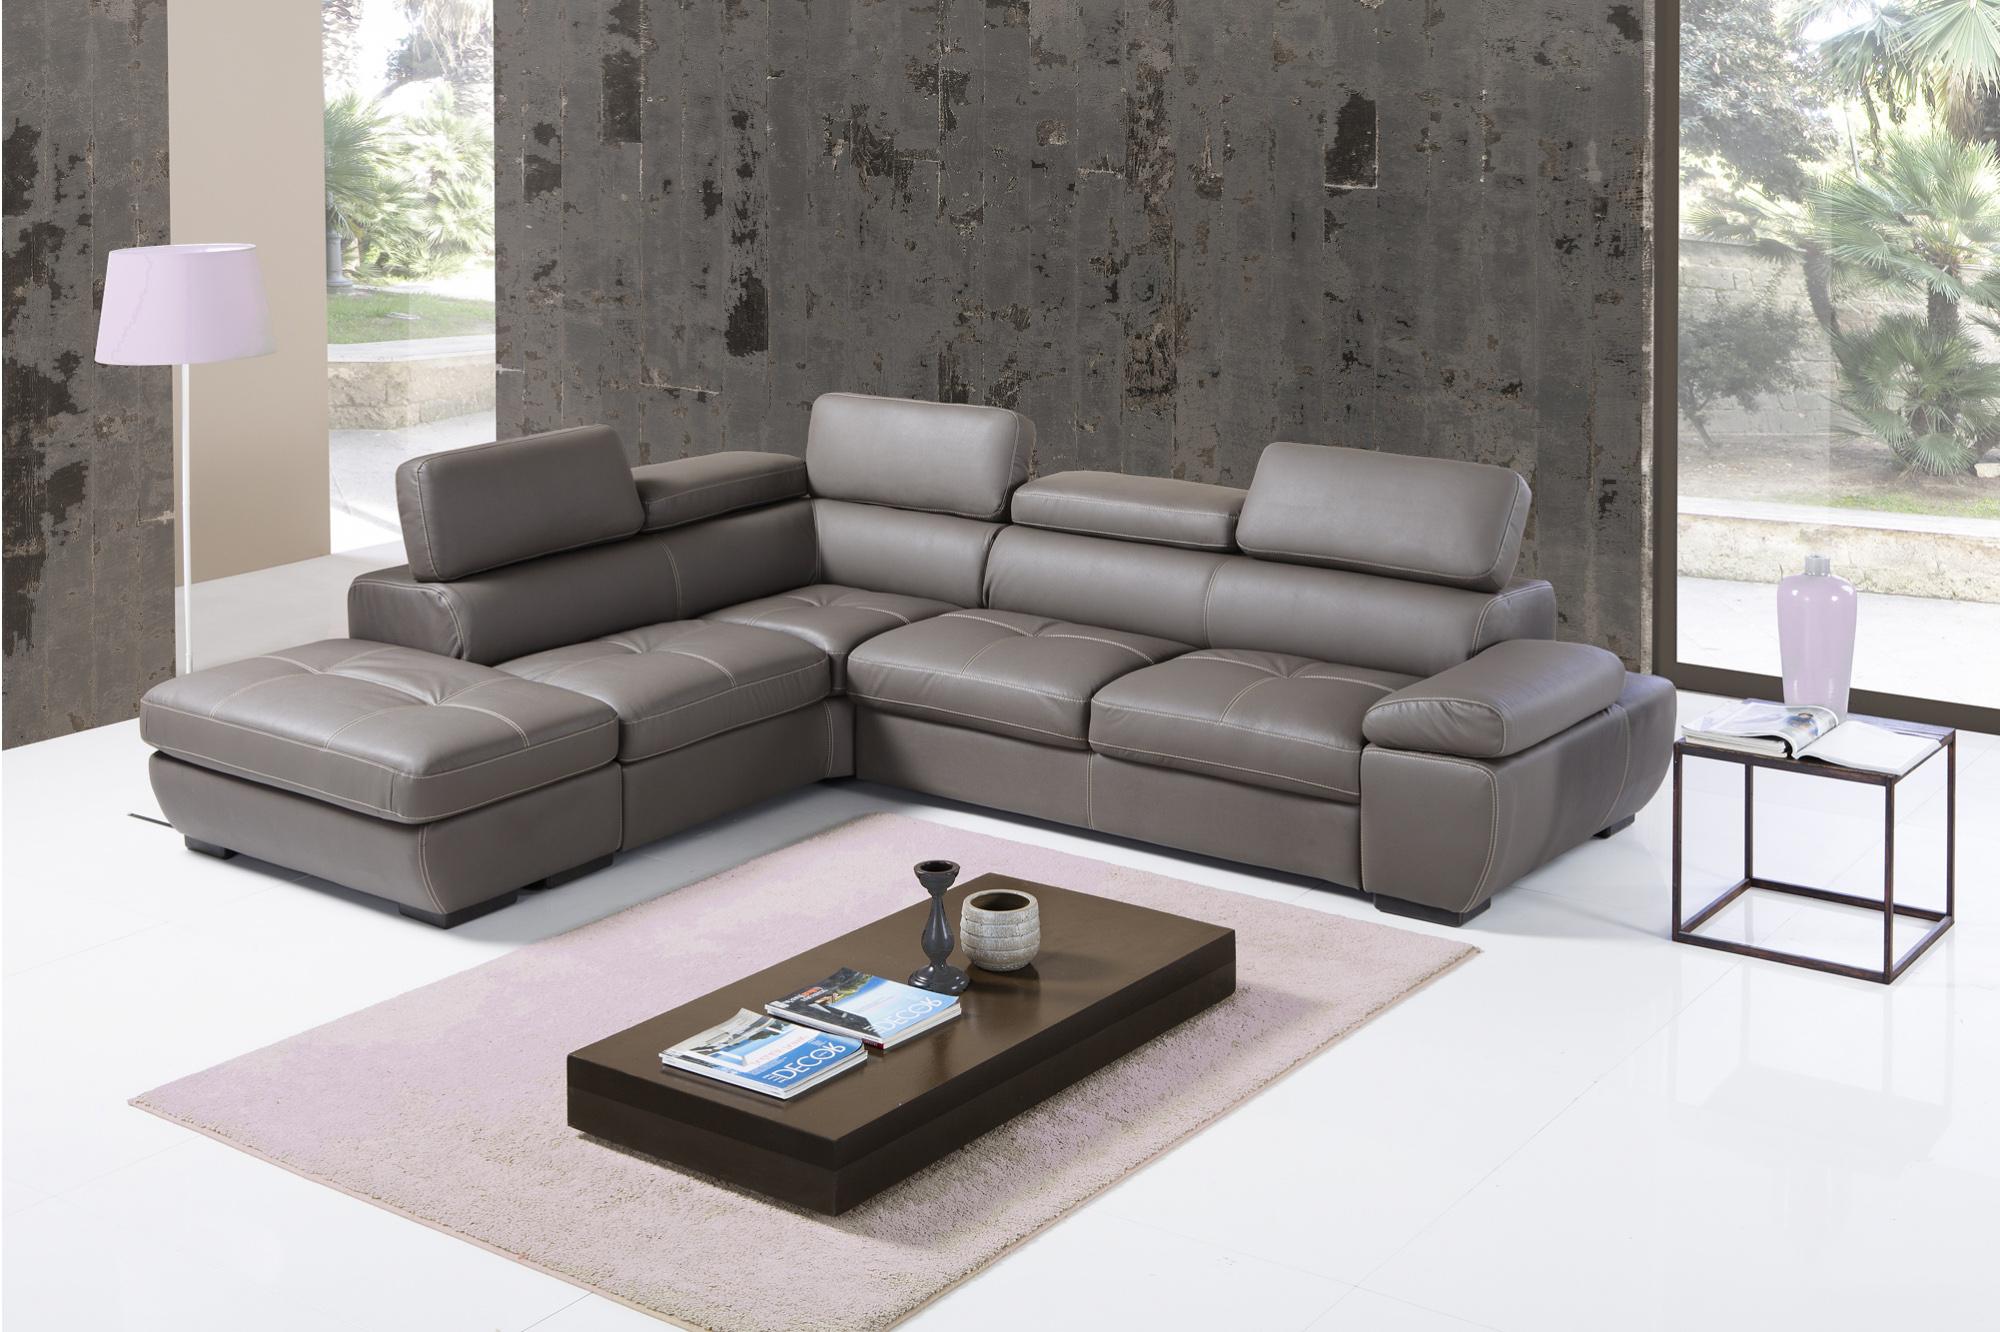 Divano angolare virgola tutto mobili arredamento camere for Divano ufficio